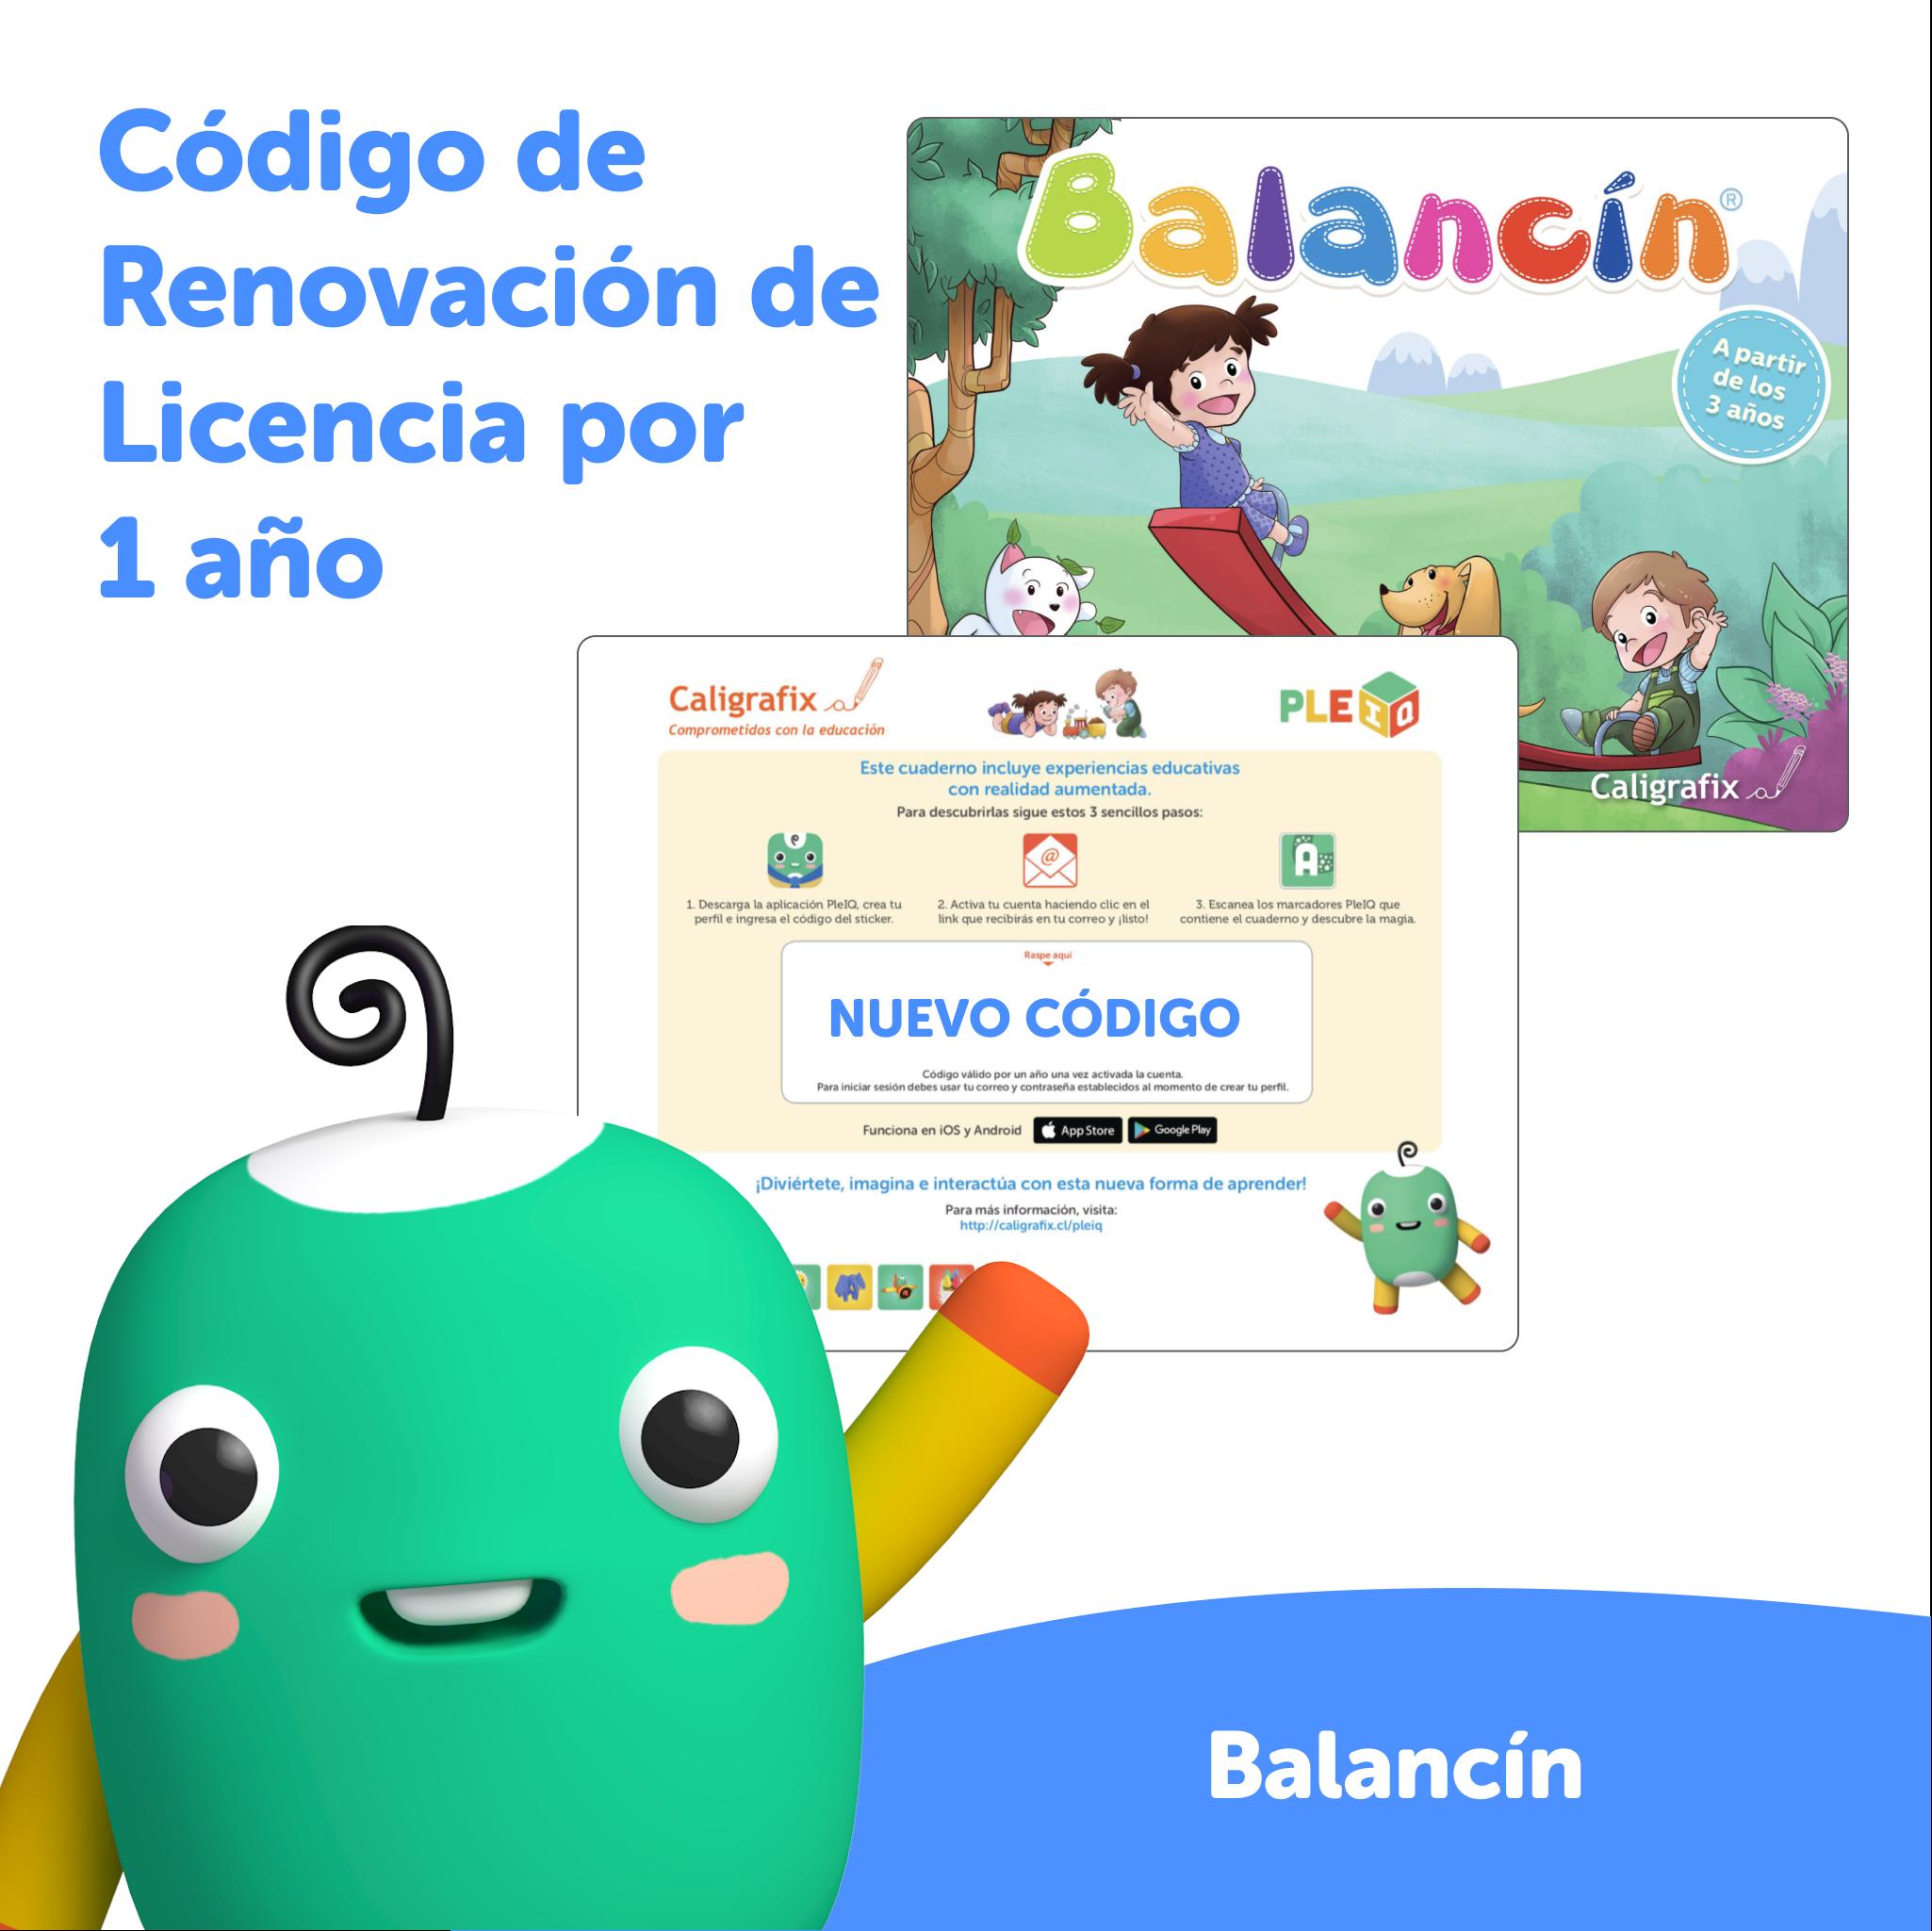 Código de renovación - Licencia Balancín